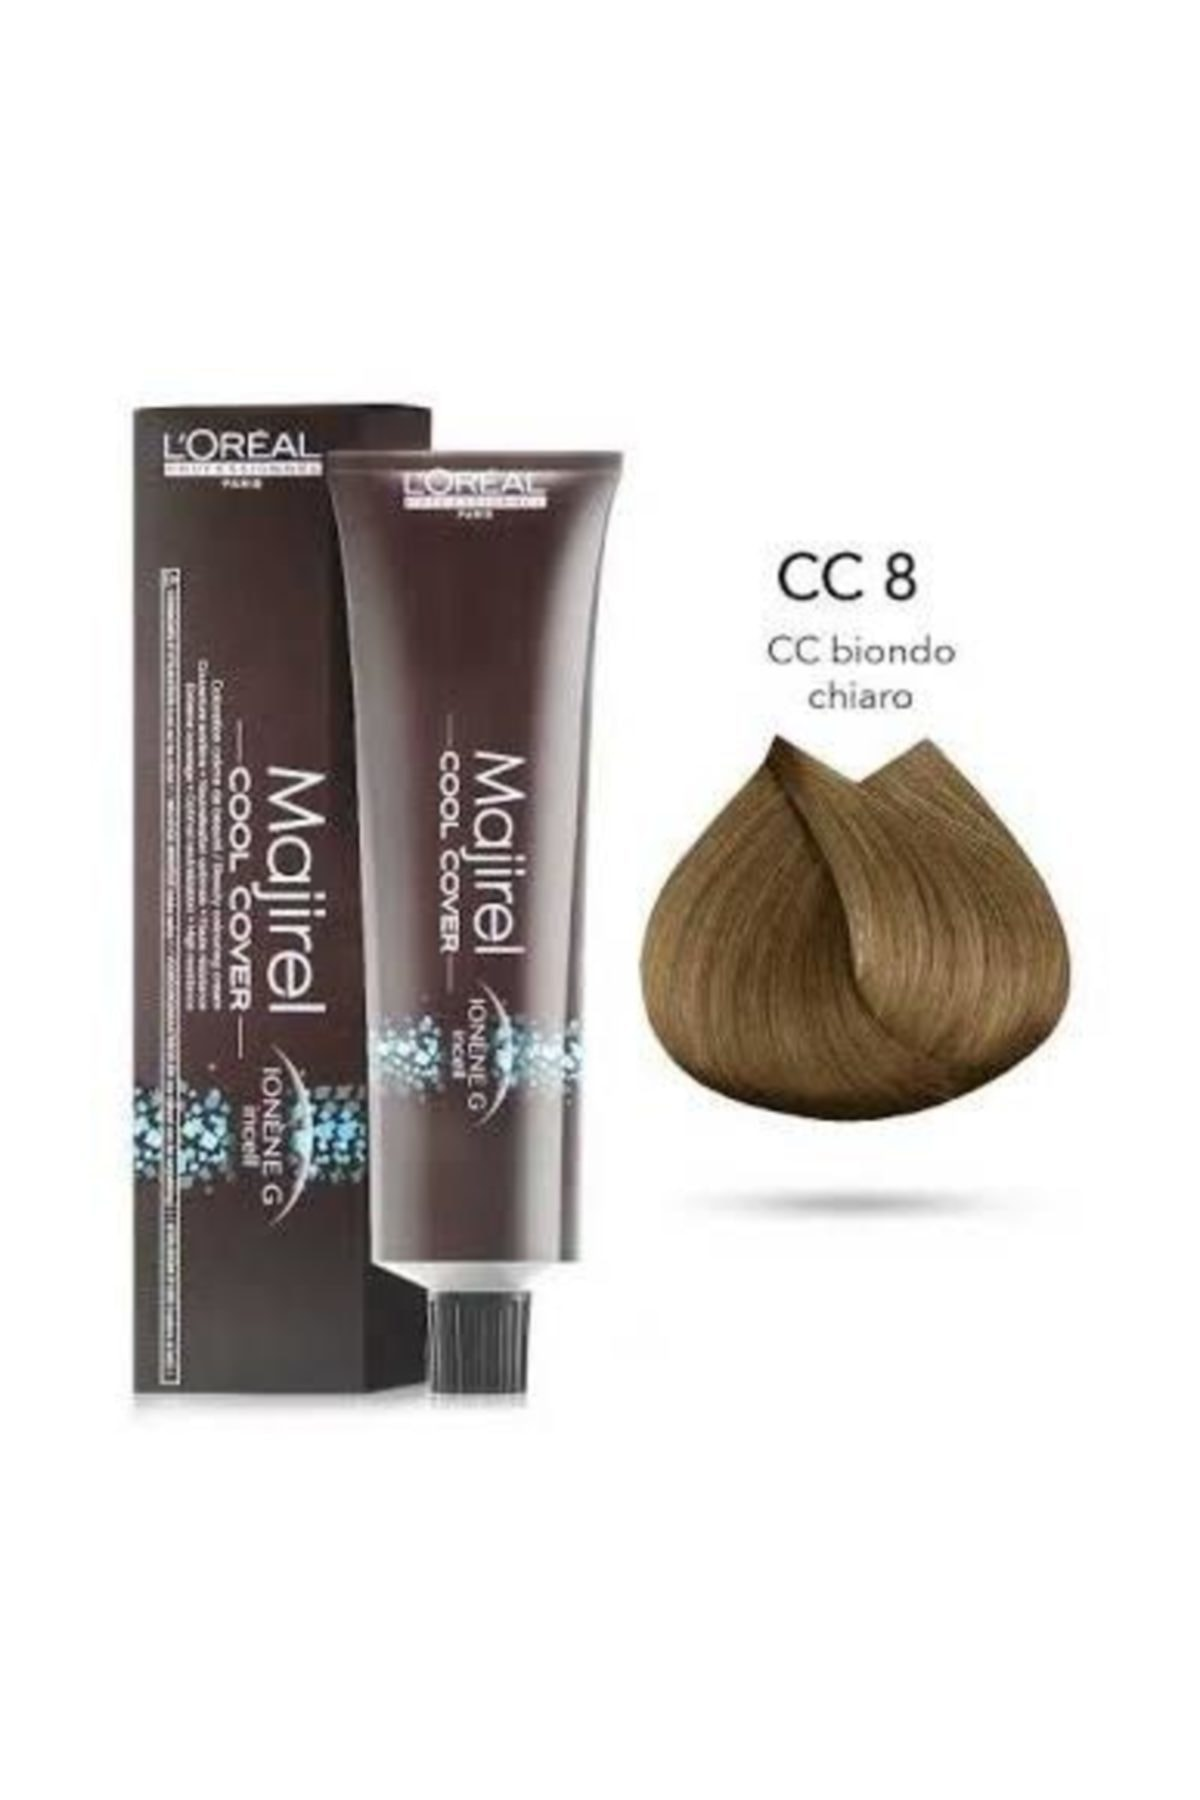 L'oreal Professionnel Majirel Cool Cover Yoğun Beyaz Kapatıcı Saç Boyası 8 Koyu Sarı 50ml 1